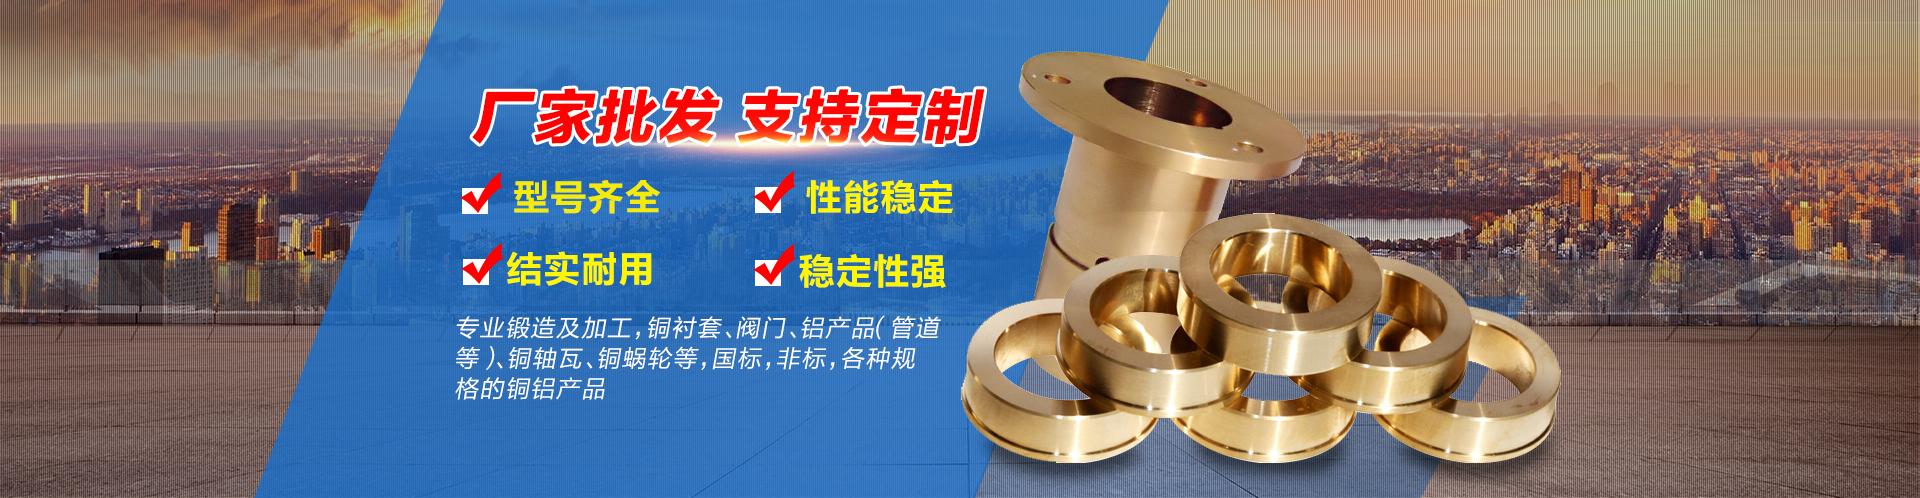 铜衬套厂家,铜轴瓦,铜蜗轮